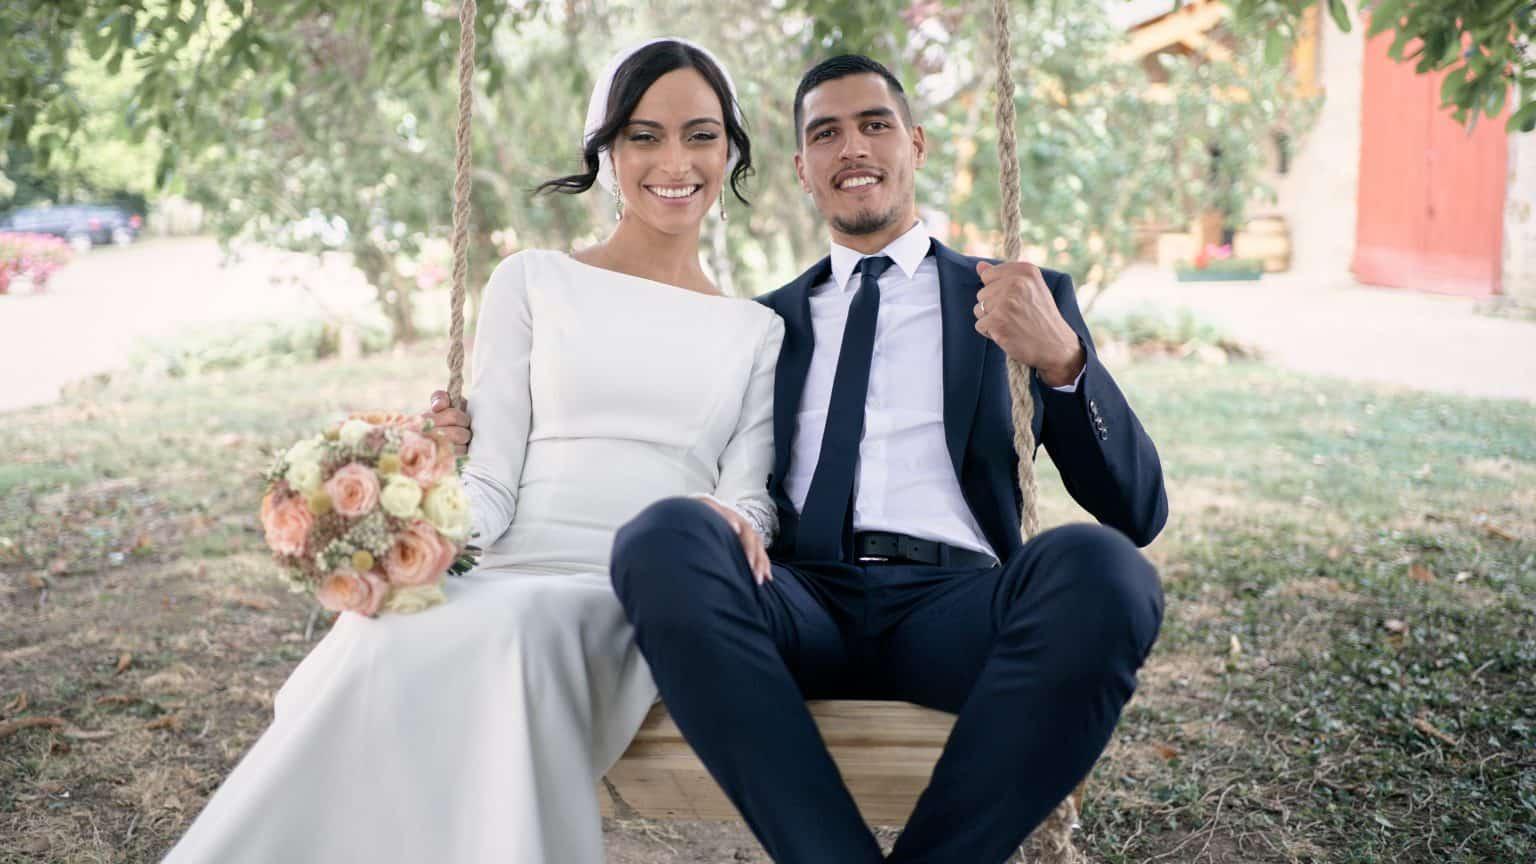 photographe mariage roanne mariés balançoire